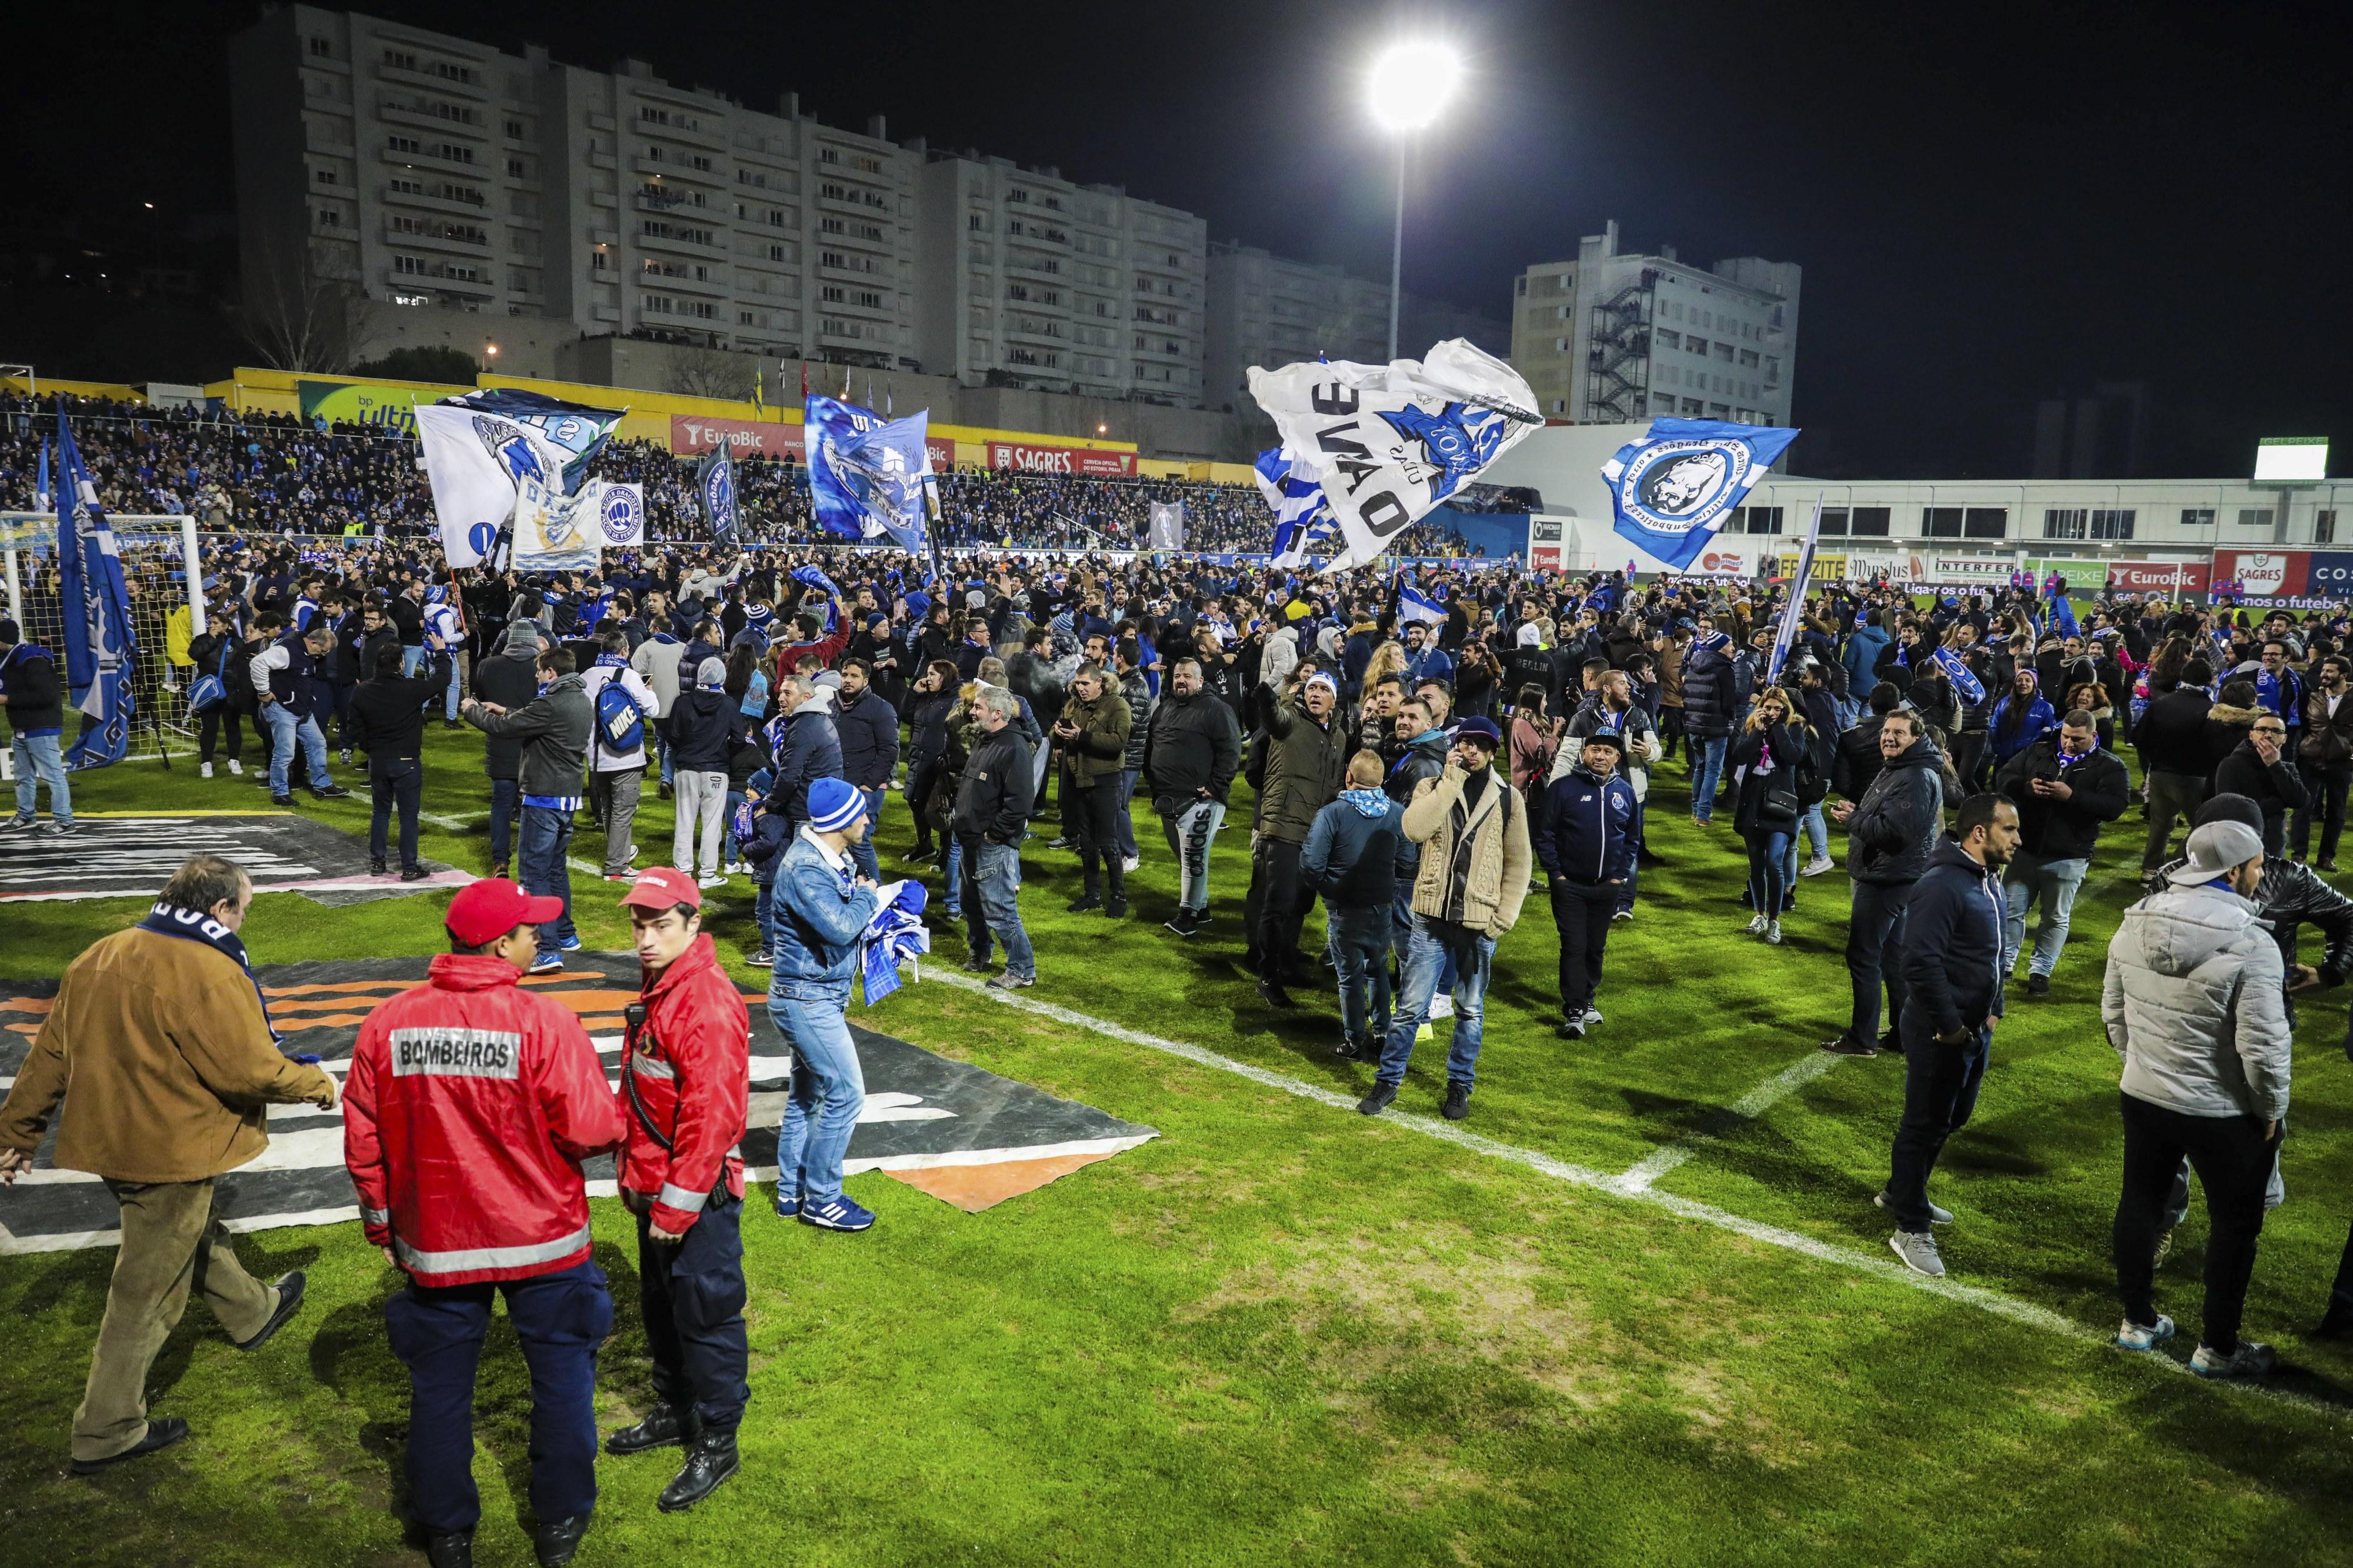 Liga mantém interdição de bancada do estádio do Estoril